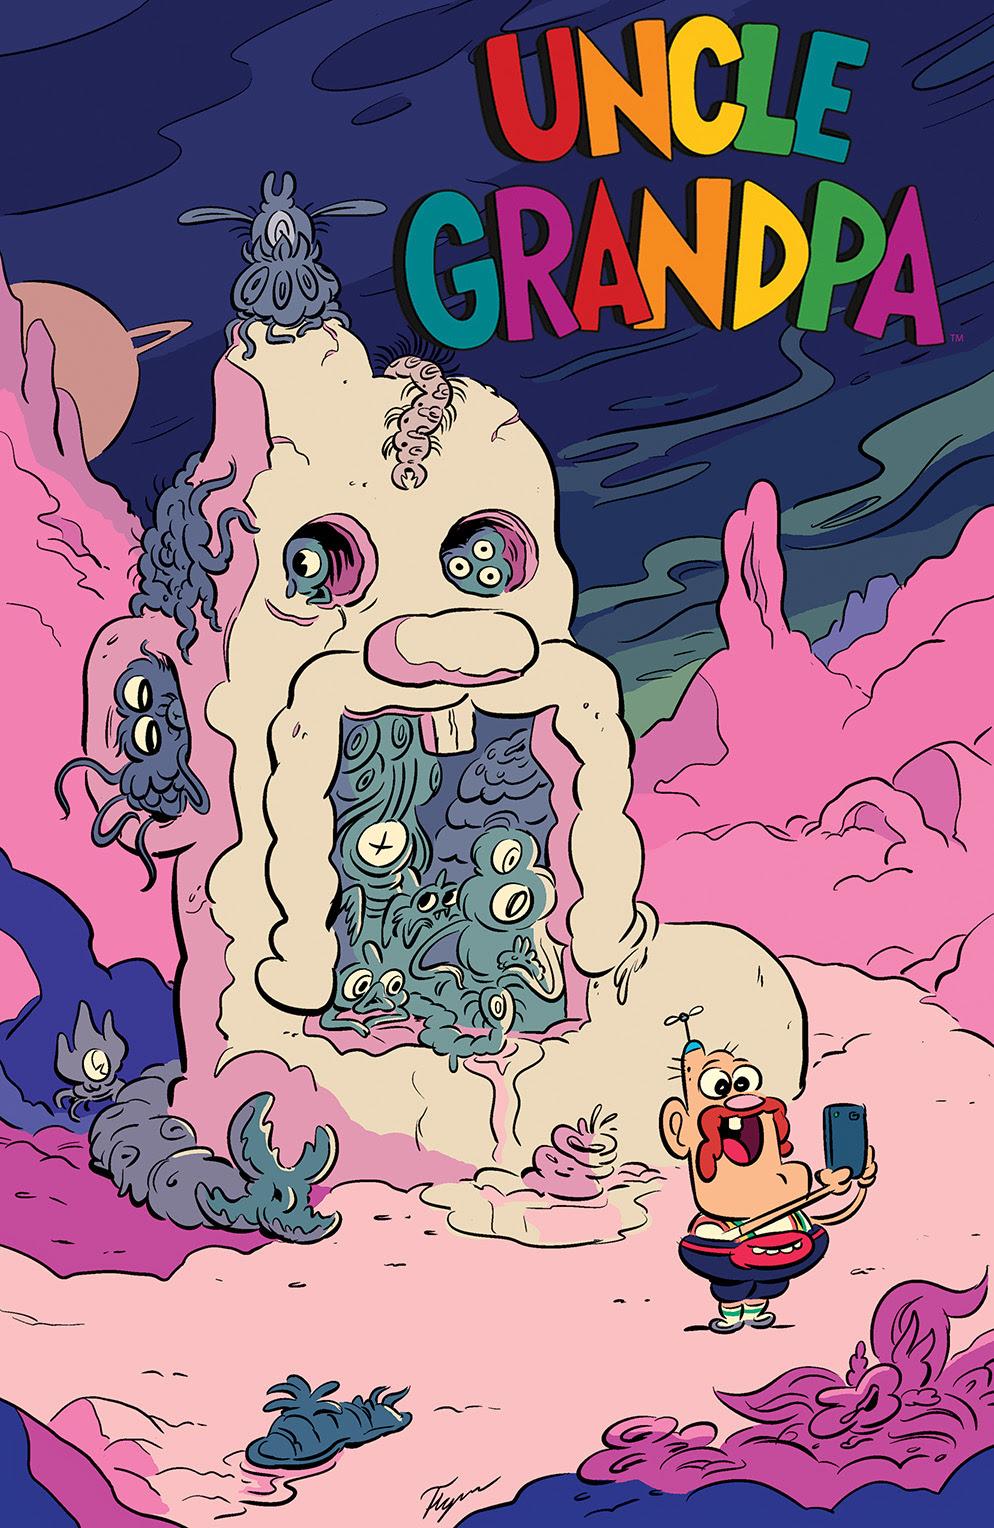 http://m.cdn.blog.hu/cl/classic-cartoon/image/UNCLE-GRANDPA-1-Main-Cover-by-Bob-Flynn.jpg